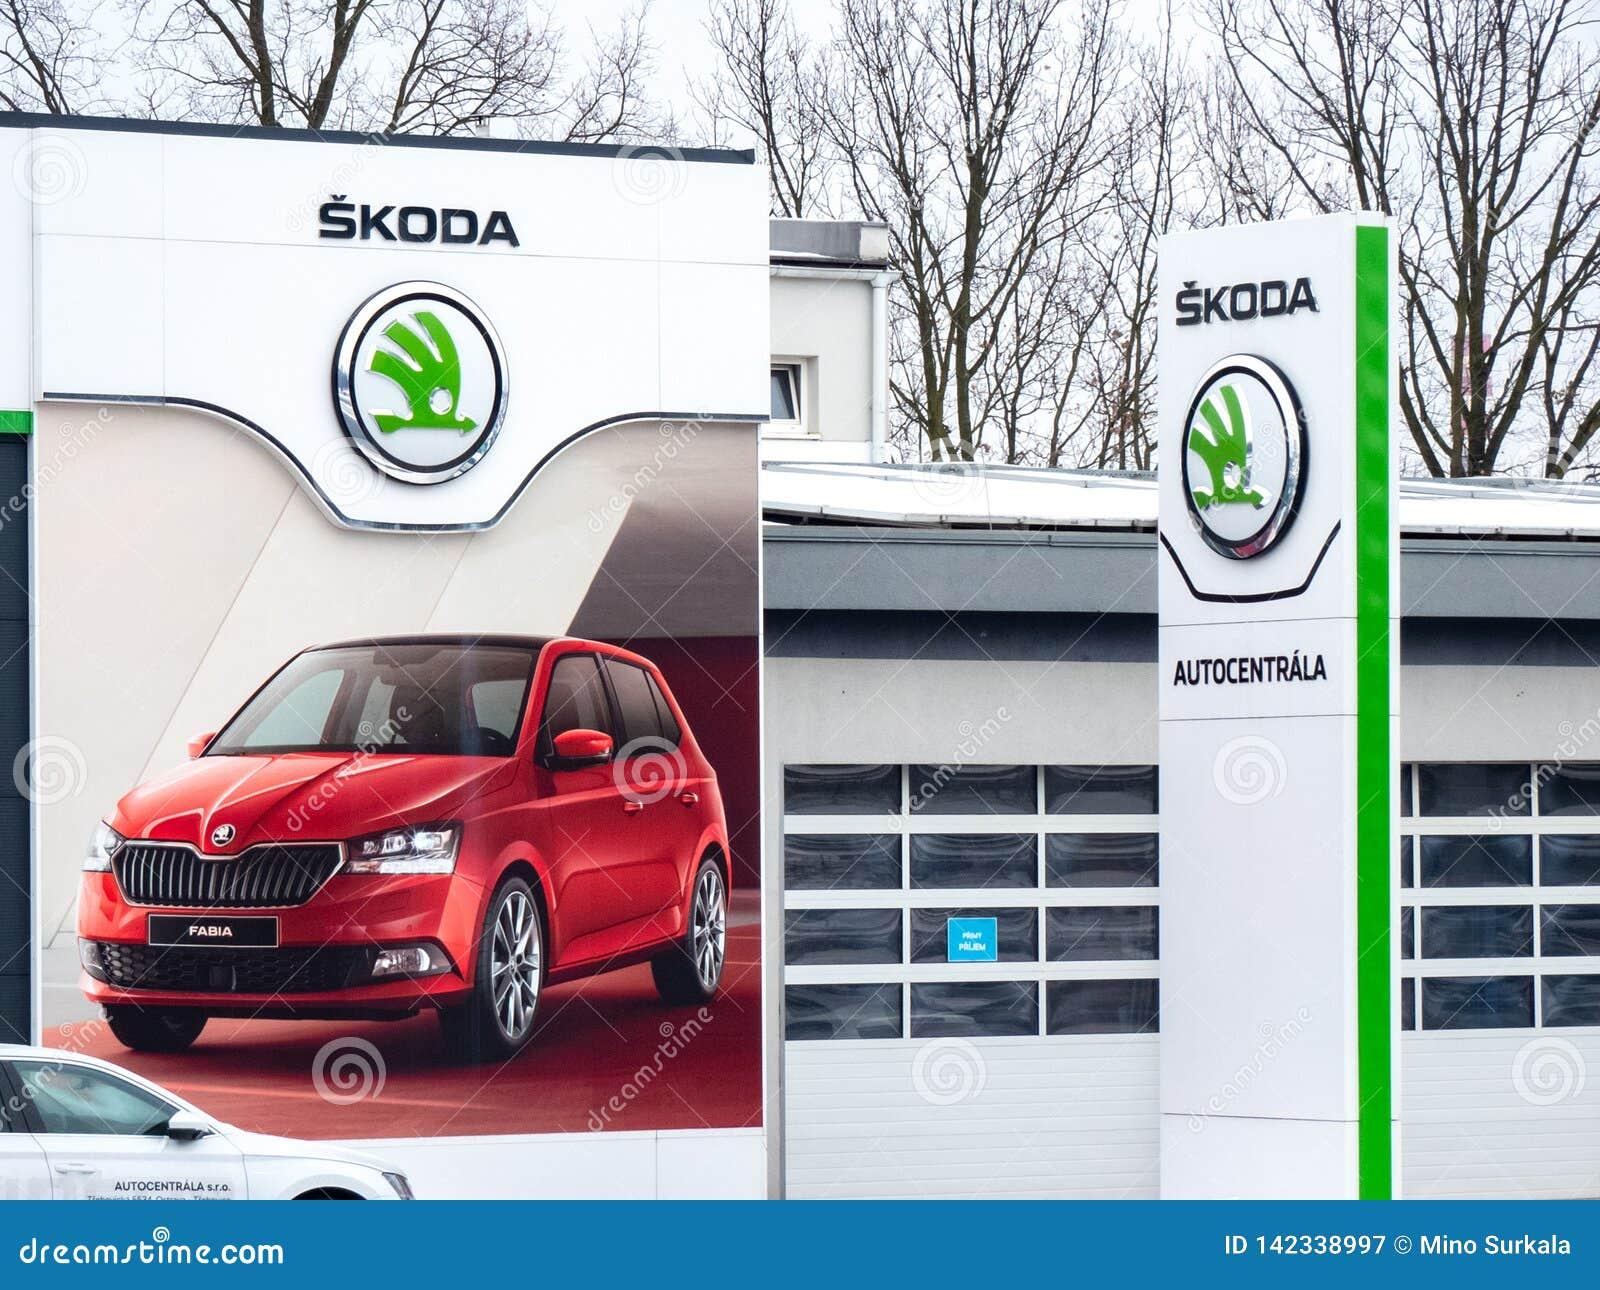 Αντιπρόσωπος ενός τσεχικού αυτόματου εμπορικού σήματος Skoda στην Οστράβα με τα λογότυπα επιχείρησης και ένα μεγάλο έμβλημα της F